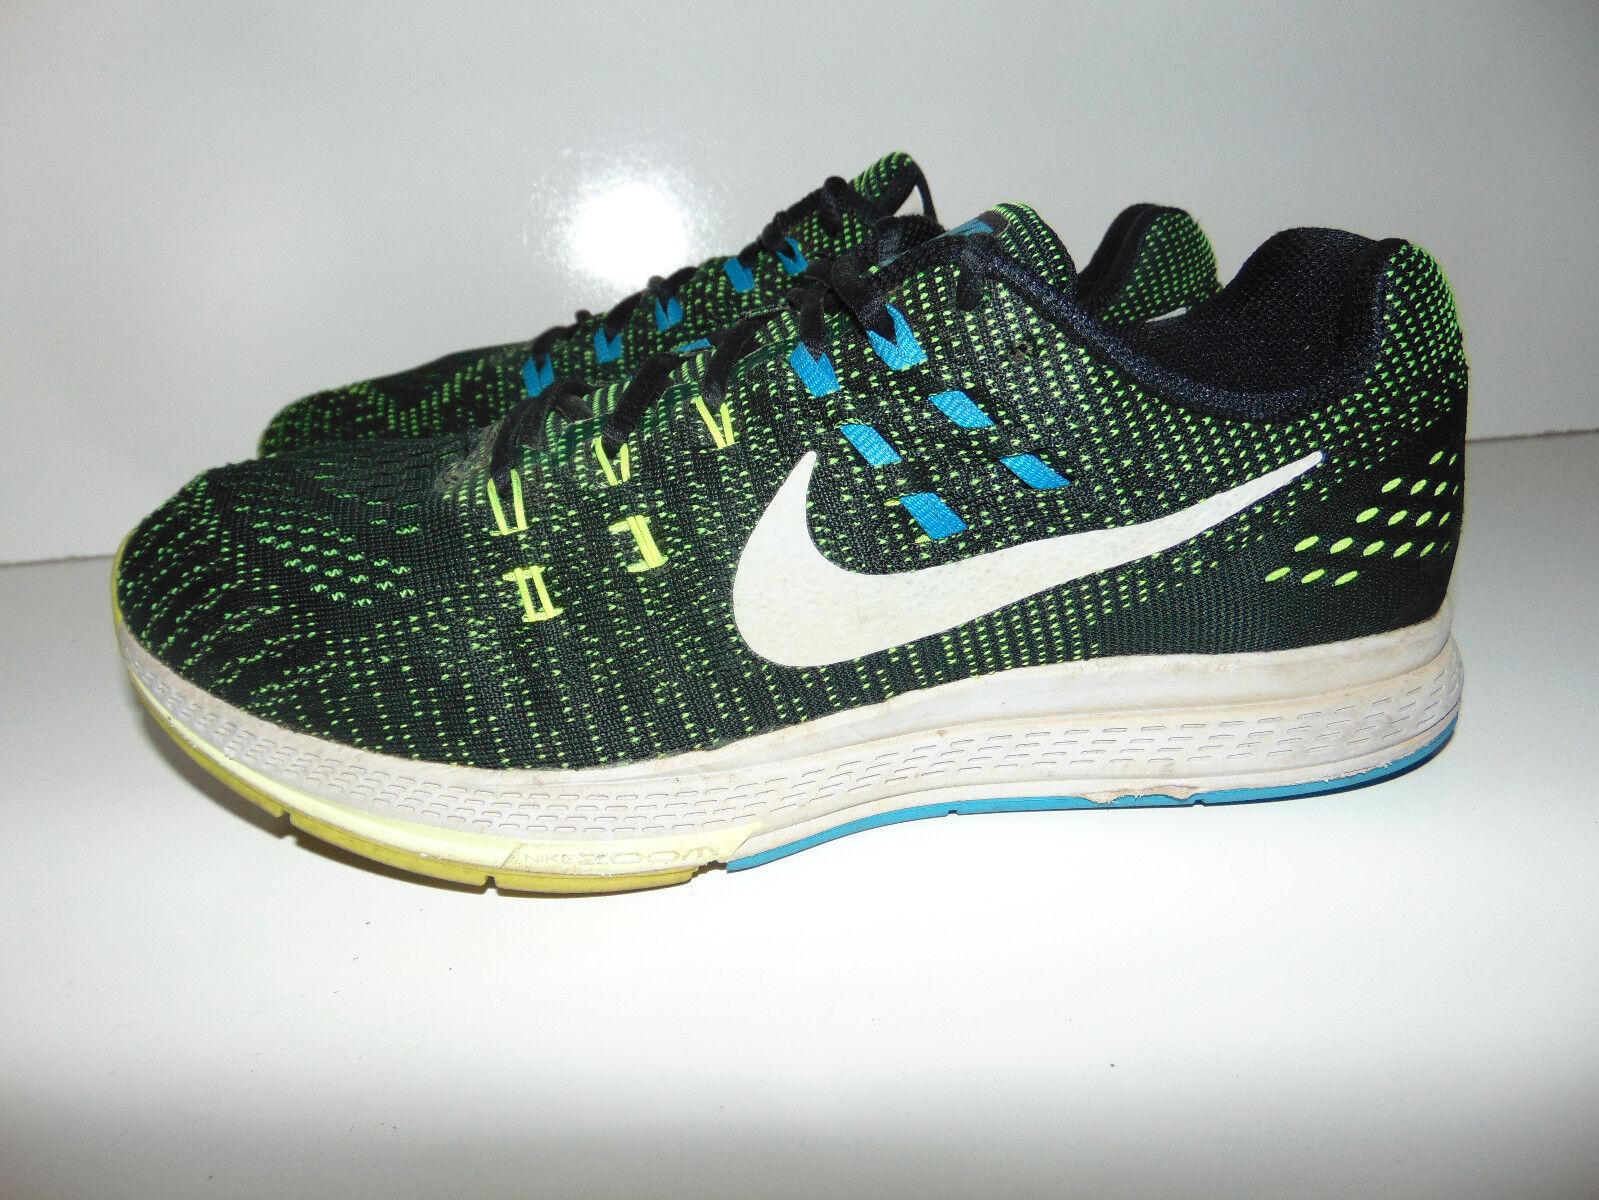 Nike Nike Nike zoom struttura 19 43 blu giallo grigio usato bene   | Commercio All'ingrosso  | Italia  | Aspetto Attraente  1345ca